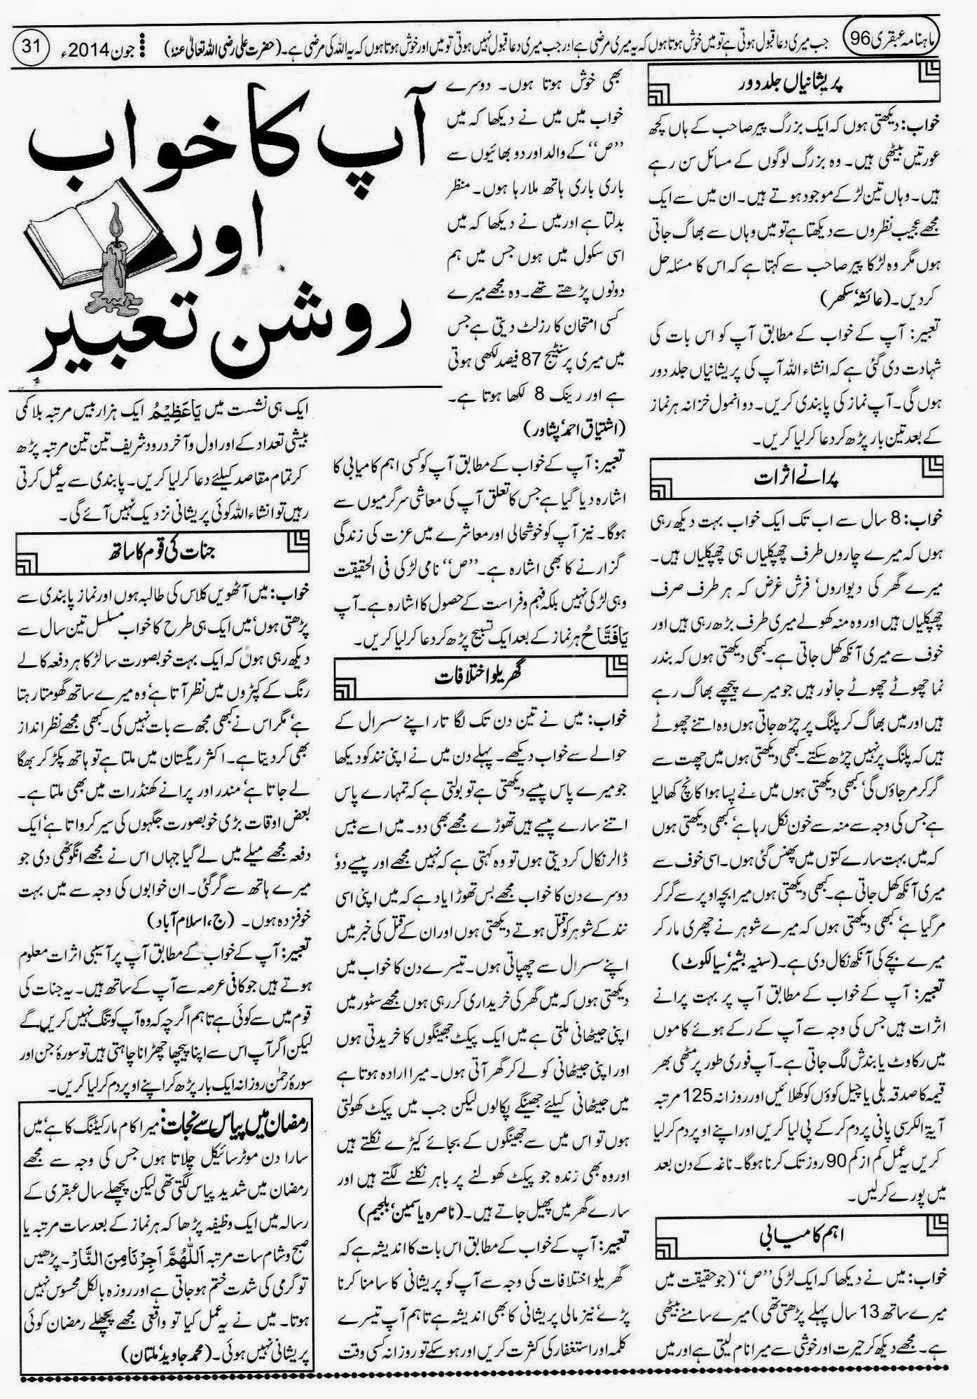 ubqari june 2014 page 31